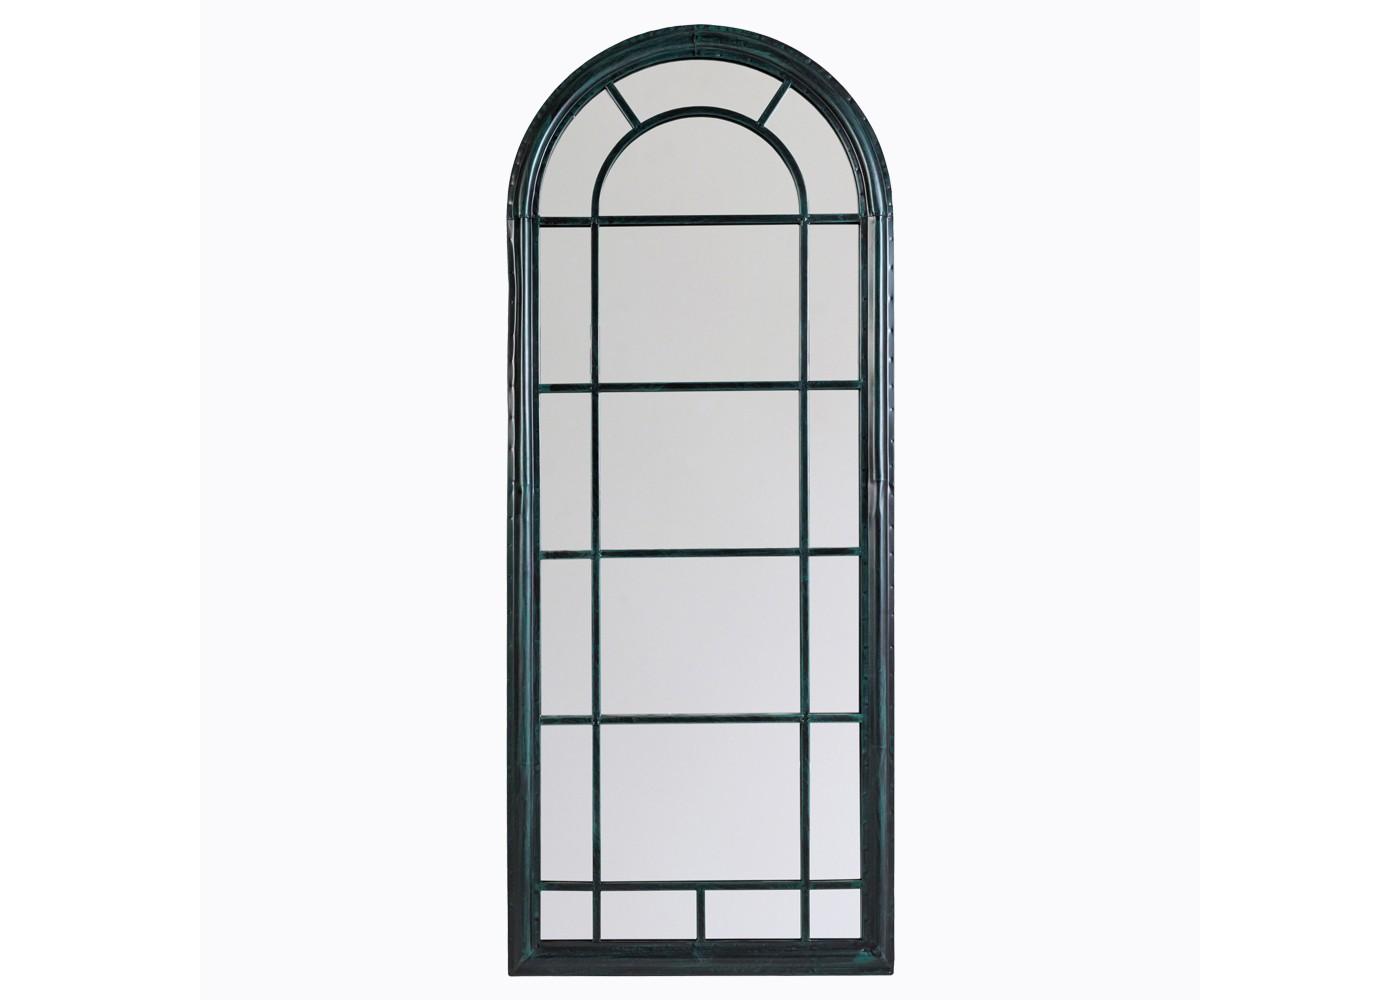 Настенное зеркало «Шайо» (черный антик)Настенные зеркала<br>&amp;quot;Шайо&amp;quot; ? восторженный комплимент романтизму классического дизайна. Зеркало, обладающее арочной формой, отличается идеальным балансом между практичностью, изыском и лаконичностью. Способное изменять не только оформление, но и архитектуру пространства, оно прекрасно впишется как в масштабные галереи, так и в миниатюрные будуары. Симметричная оправа из черного металла, в изысканности пропорций теряющая античную пышность и величественность, будет отменно гармонировать с поэтичными и аристократичными интерьерами.&amp;lt;div&amp;gt;&amp;lt;br&amp;gt;&amp;lt;/div&amp;gt;&amp;lt;div&amp;gt;Размер: 60?150?4 см.&amp;lt;/div&amp;gt;<br><br>Material: Металл<br>Width см: 60<br>Depth см: 4<br>Height см: 150